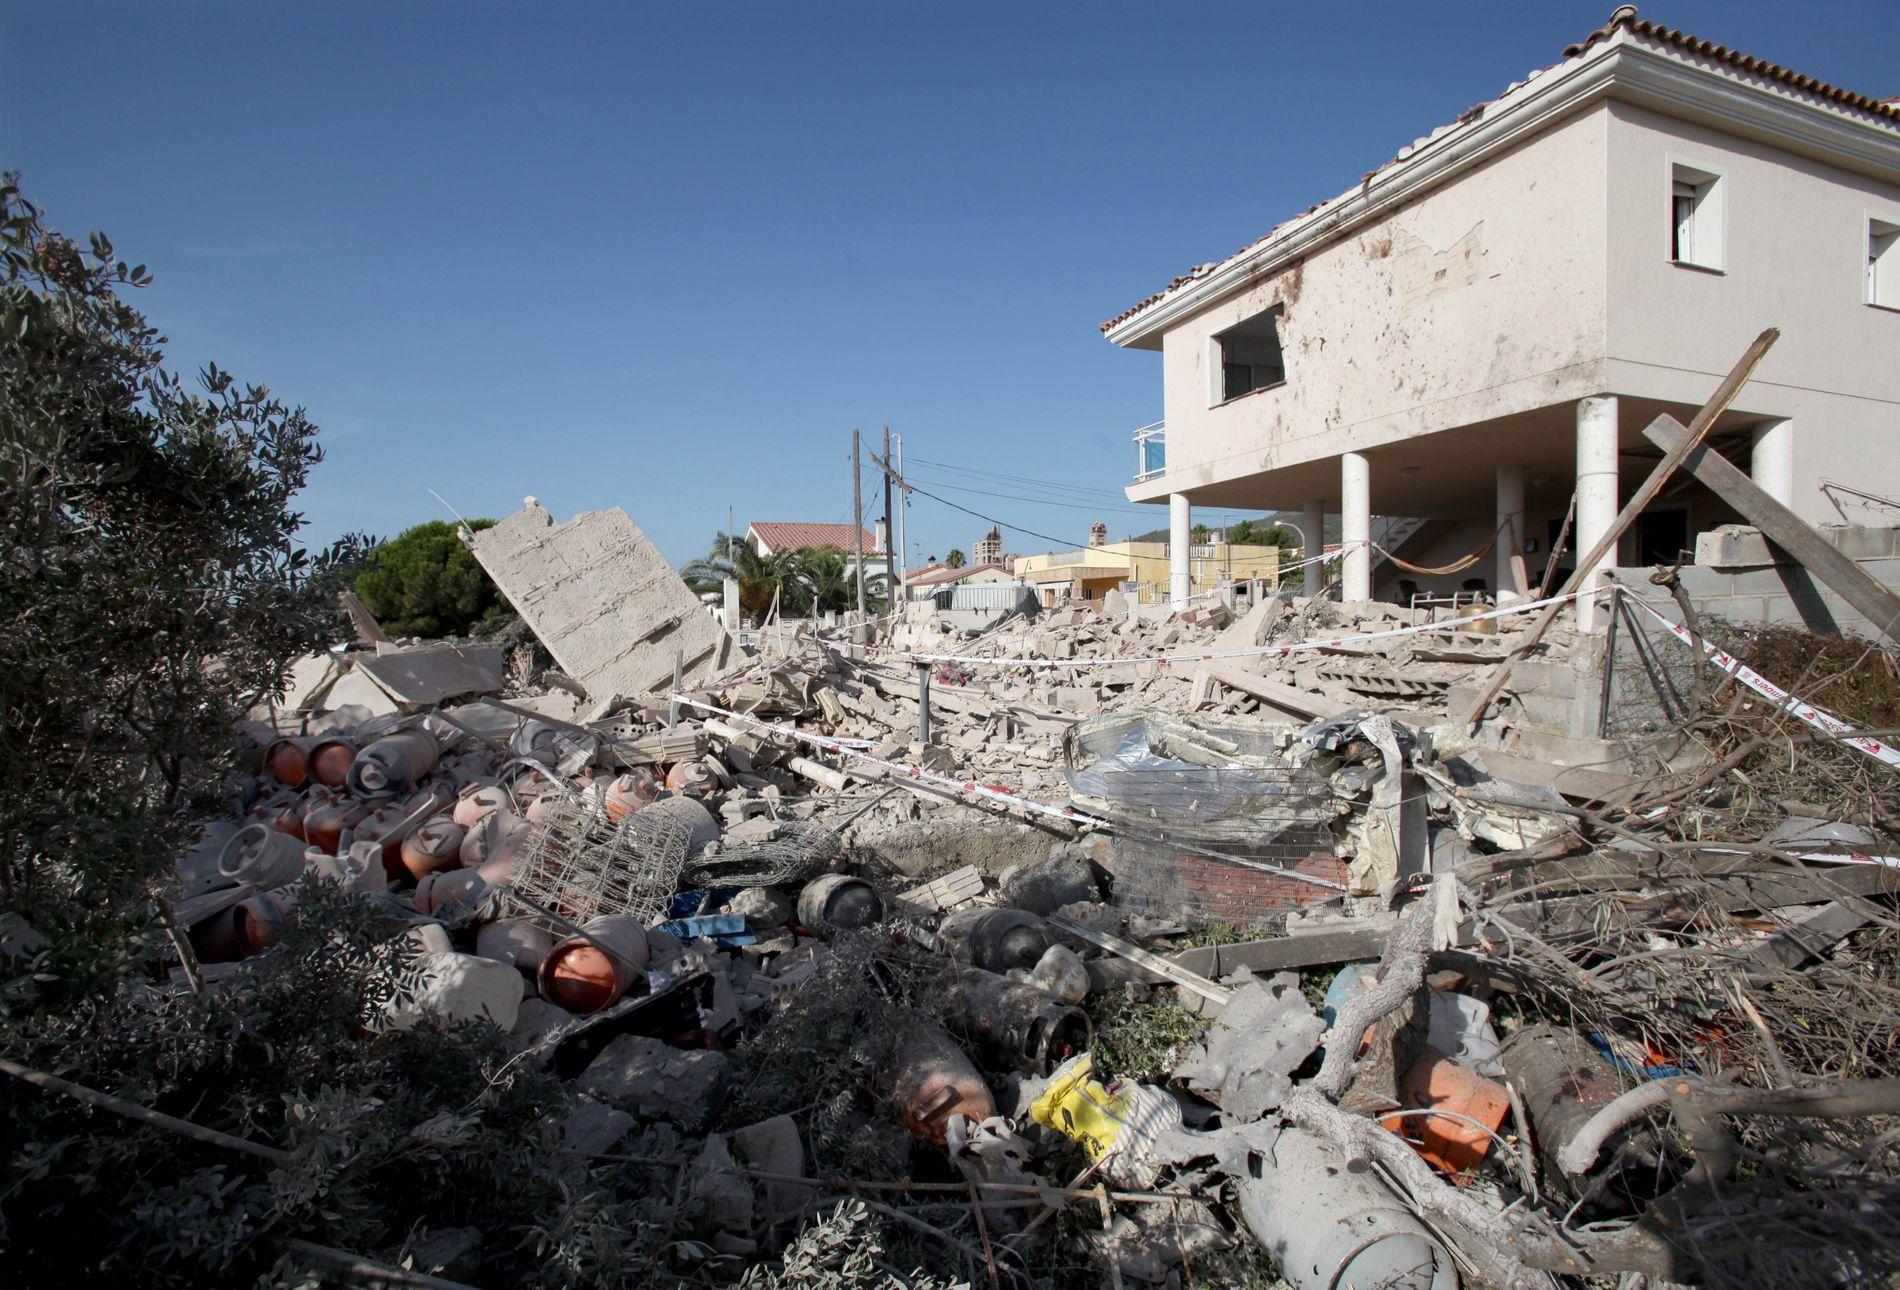 EKSPLOSJON: Spansk politi mener de to angrepene som skjedde med få timers mellomrom i Barcelona og Cambrils kan knyttes til eksplosjonen som la dette huset i ruiner onsdag. Huset ligger i Alcanar, nordøst i Spania. En person omkom i eksplosjonen, mens syv andre ble skadet. Eksplosjonen ble først beskrevet som et resultat av en gasslekkasje. Huset hvor det skjedde ble totalt ødelagt, mens flere av nabohusene ble skadet. Inne i ruinene ble det ifølge nyhetsbyrået EPA funnet 20 gassylindre.